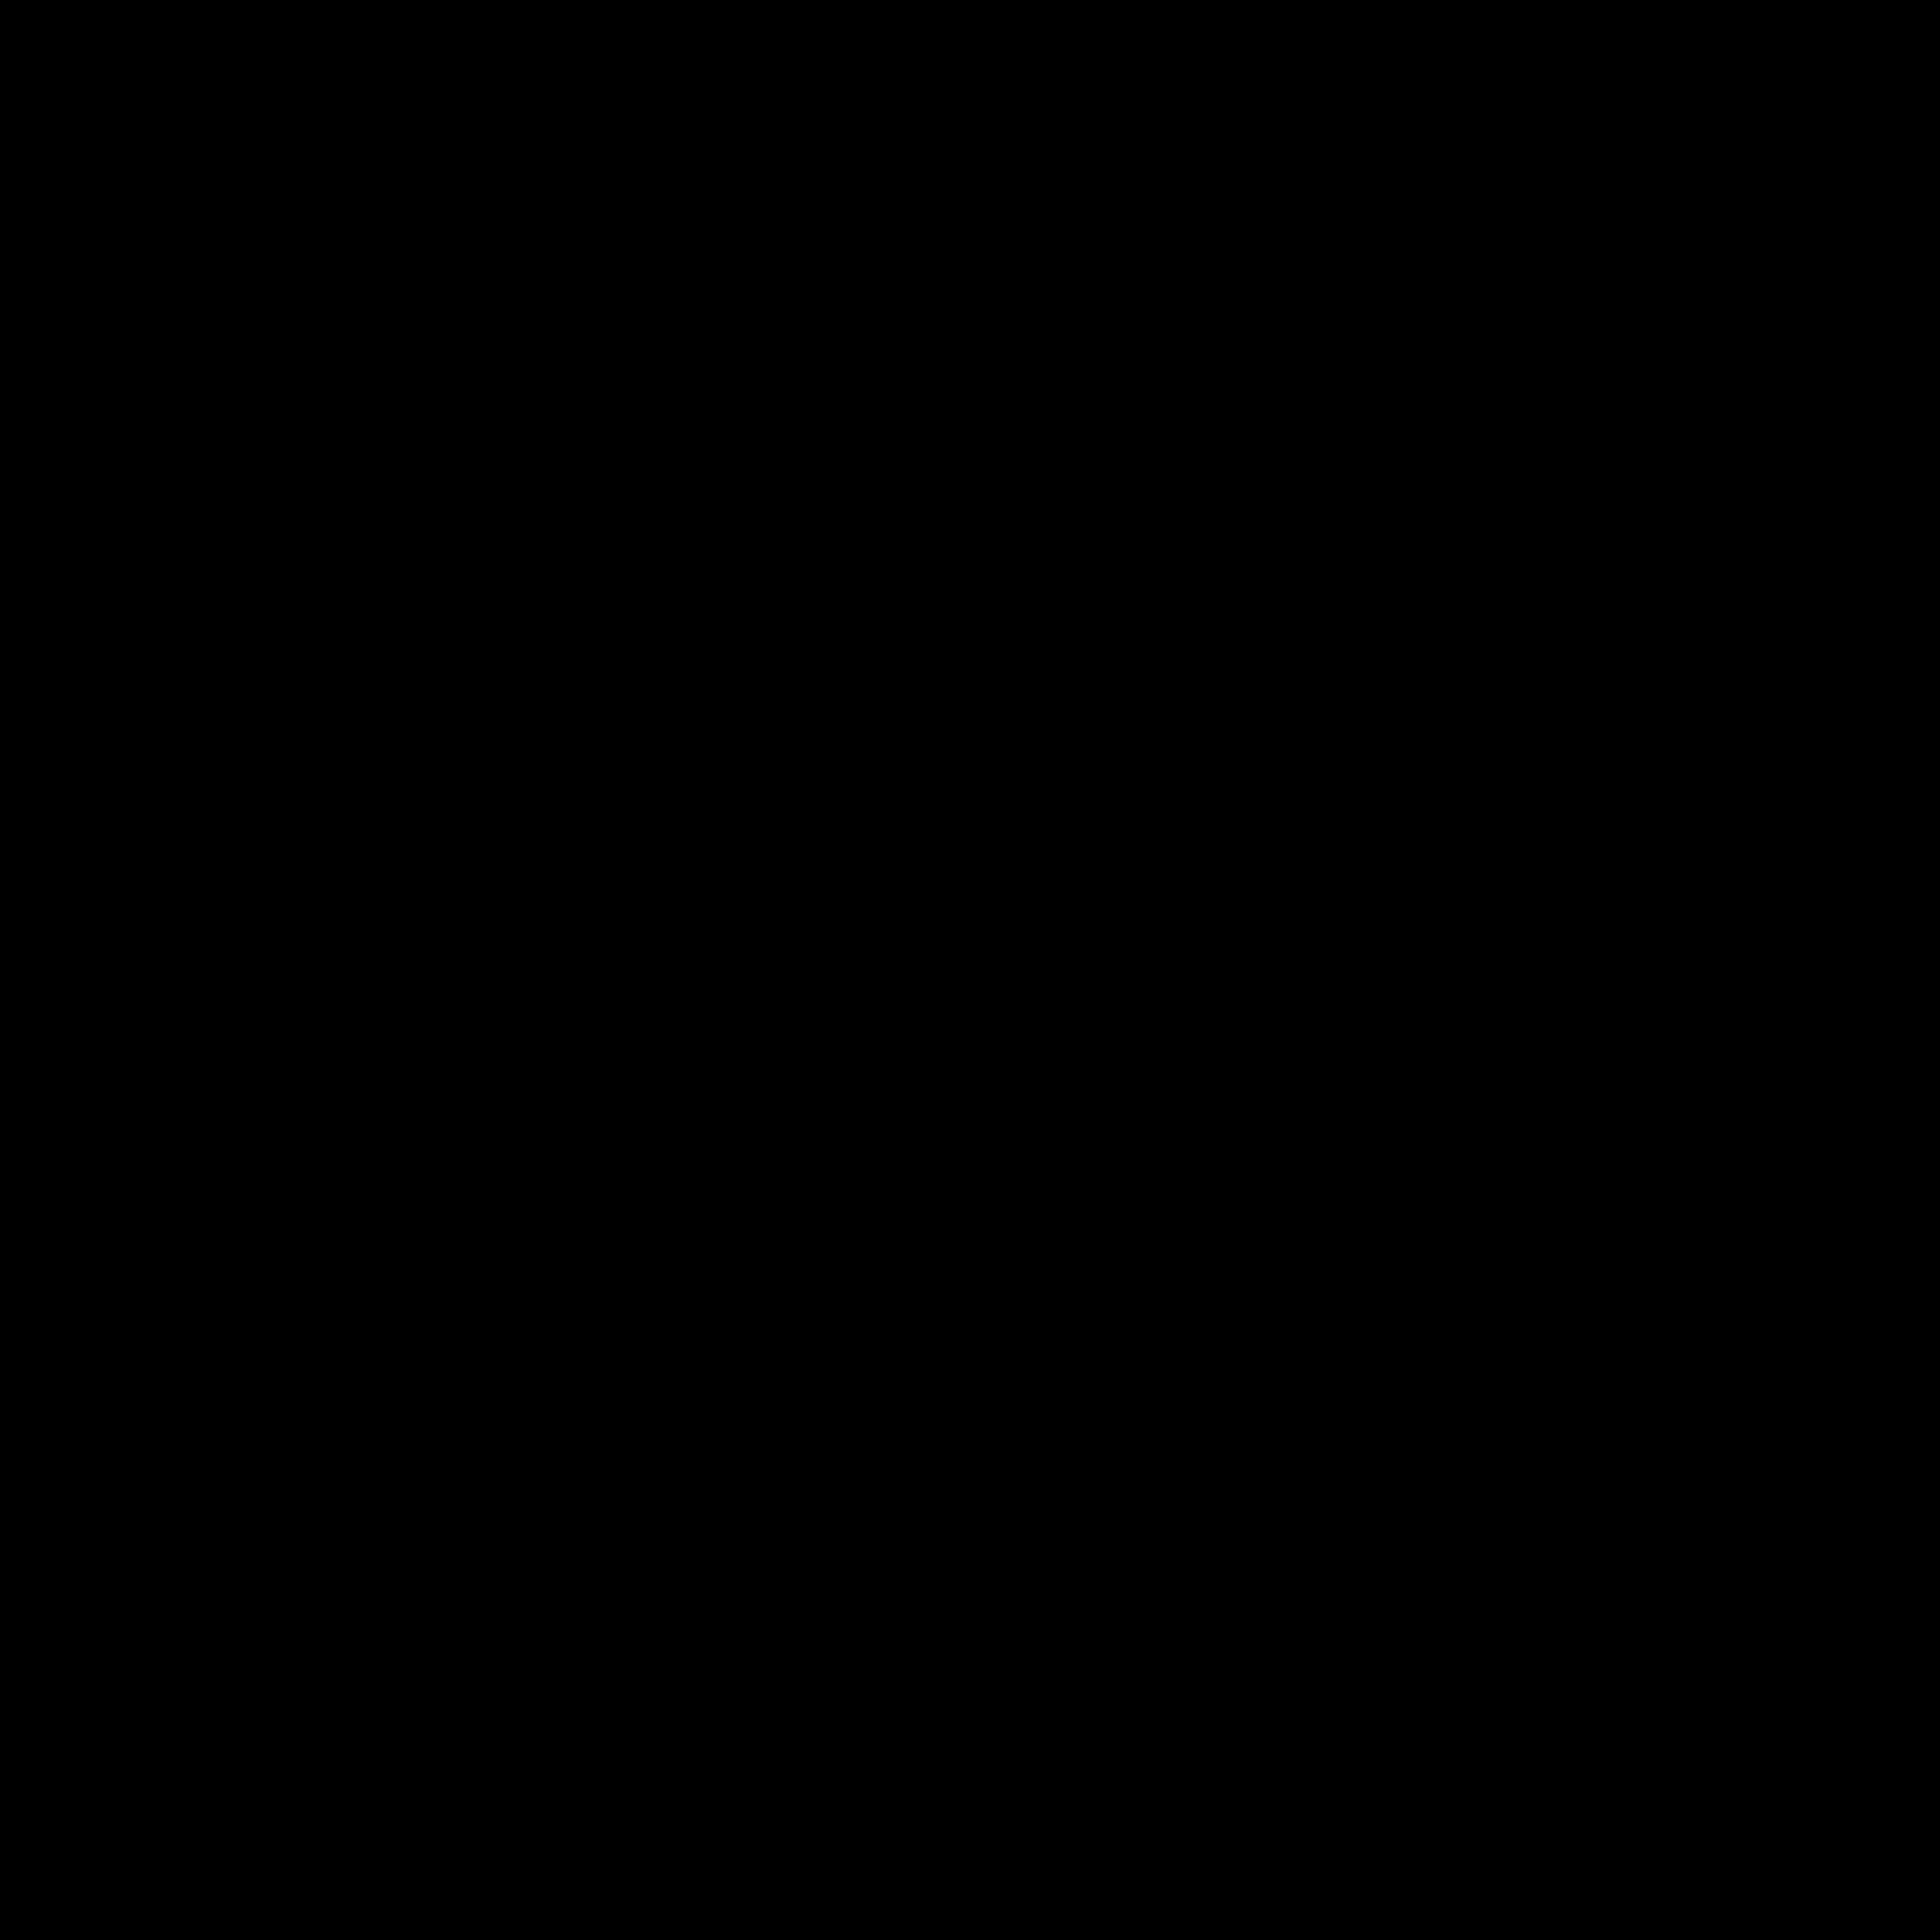 「テトリス® エフェクト・コネクテッド 」    11月10日発売決定